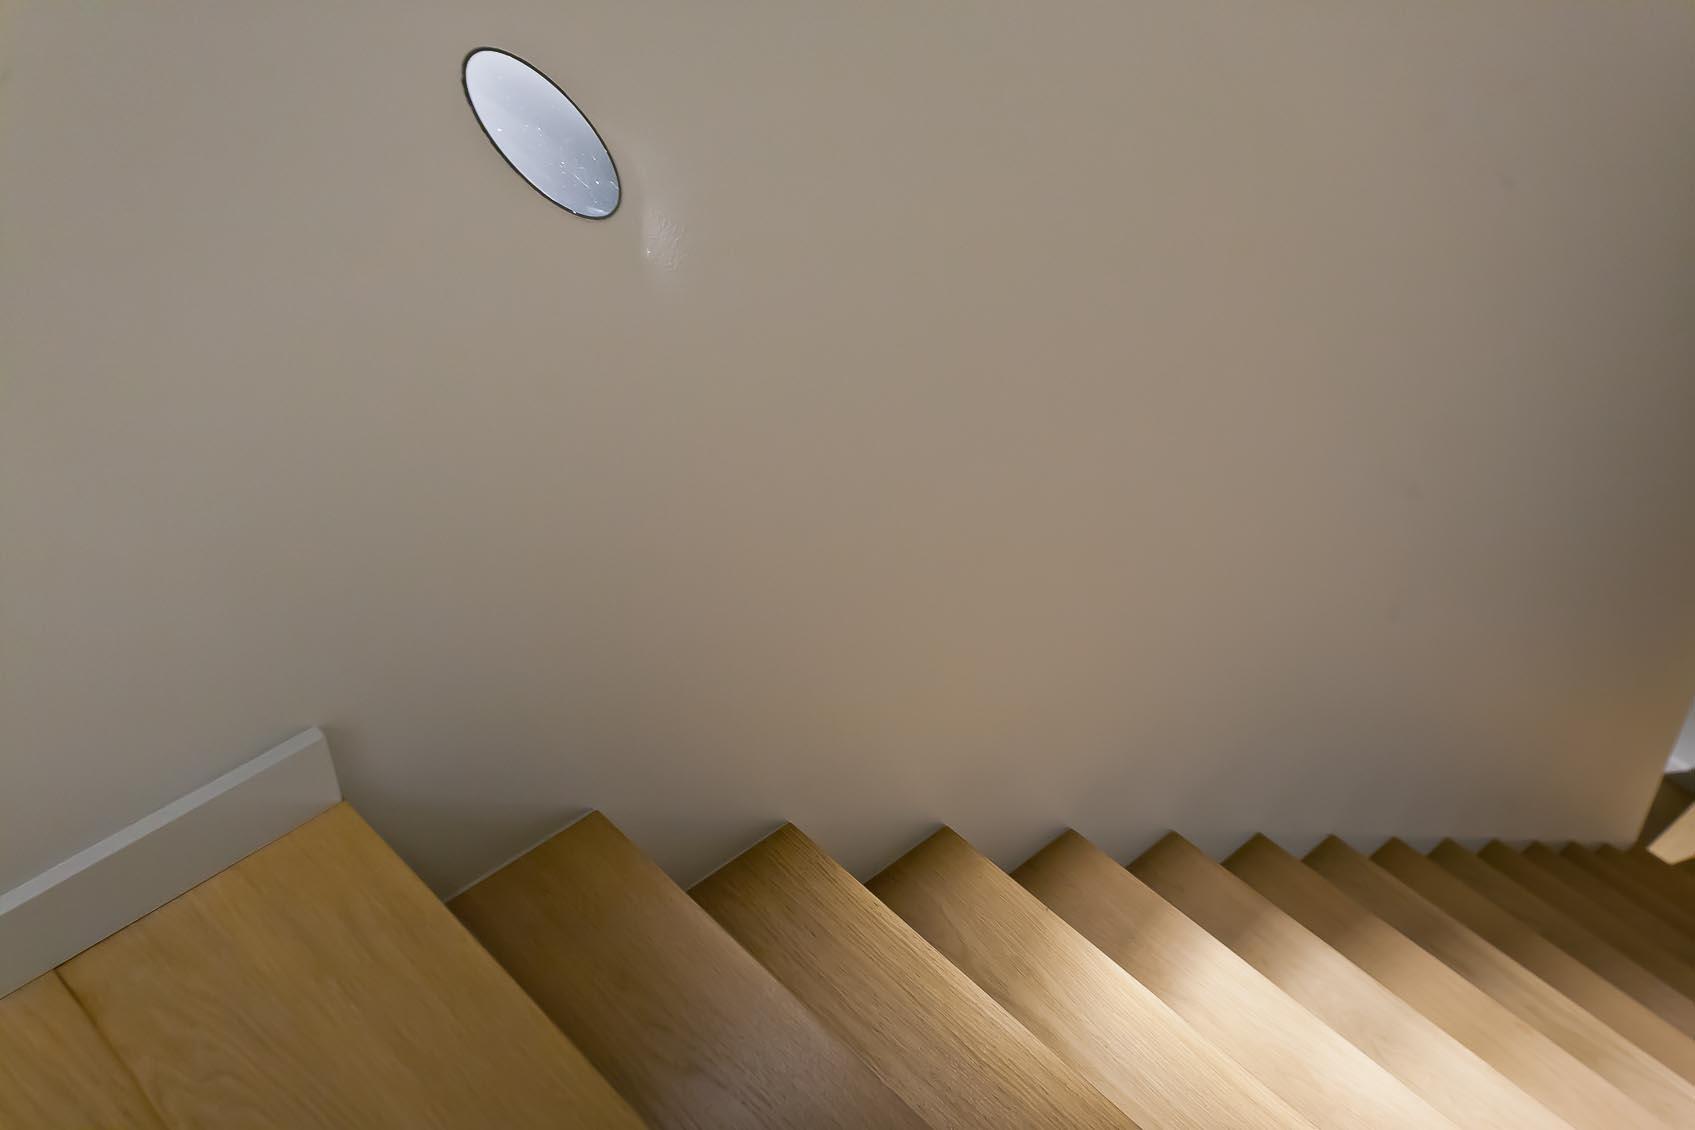 inbouw wandlamp accentverlichting trap creatief toegepast lichtidee